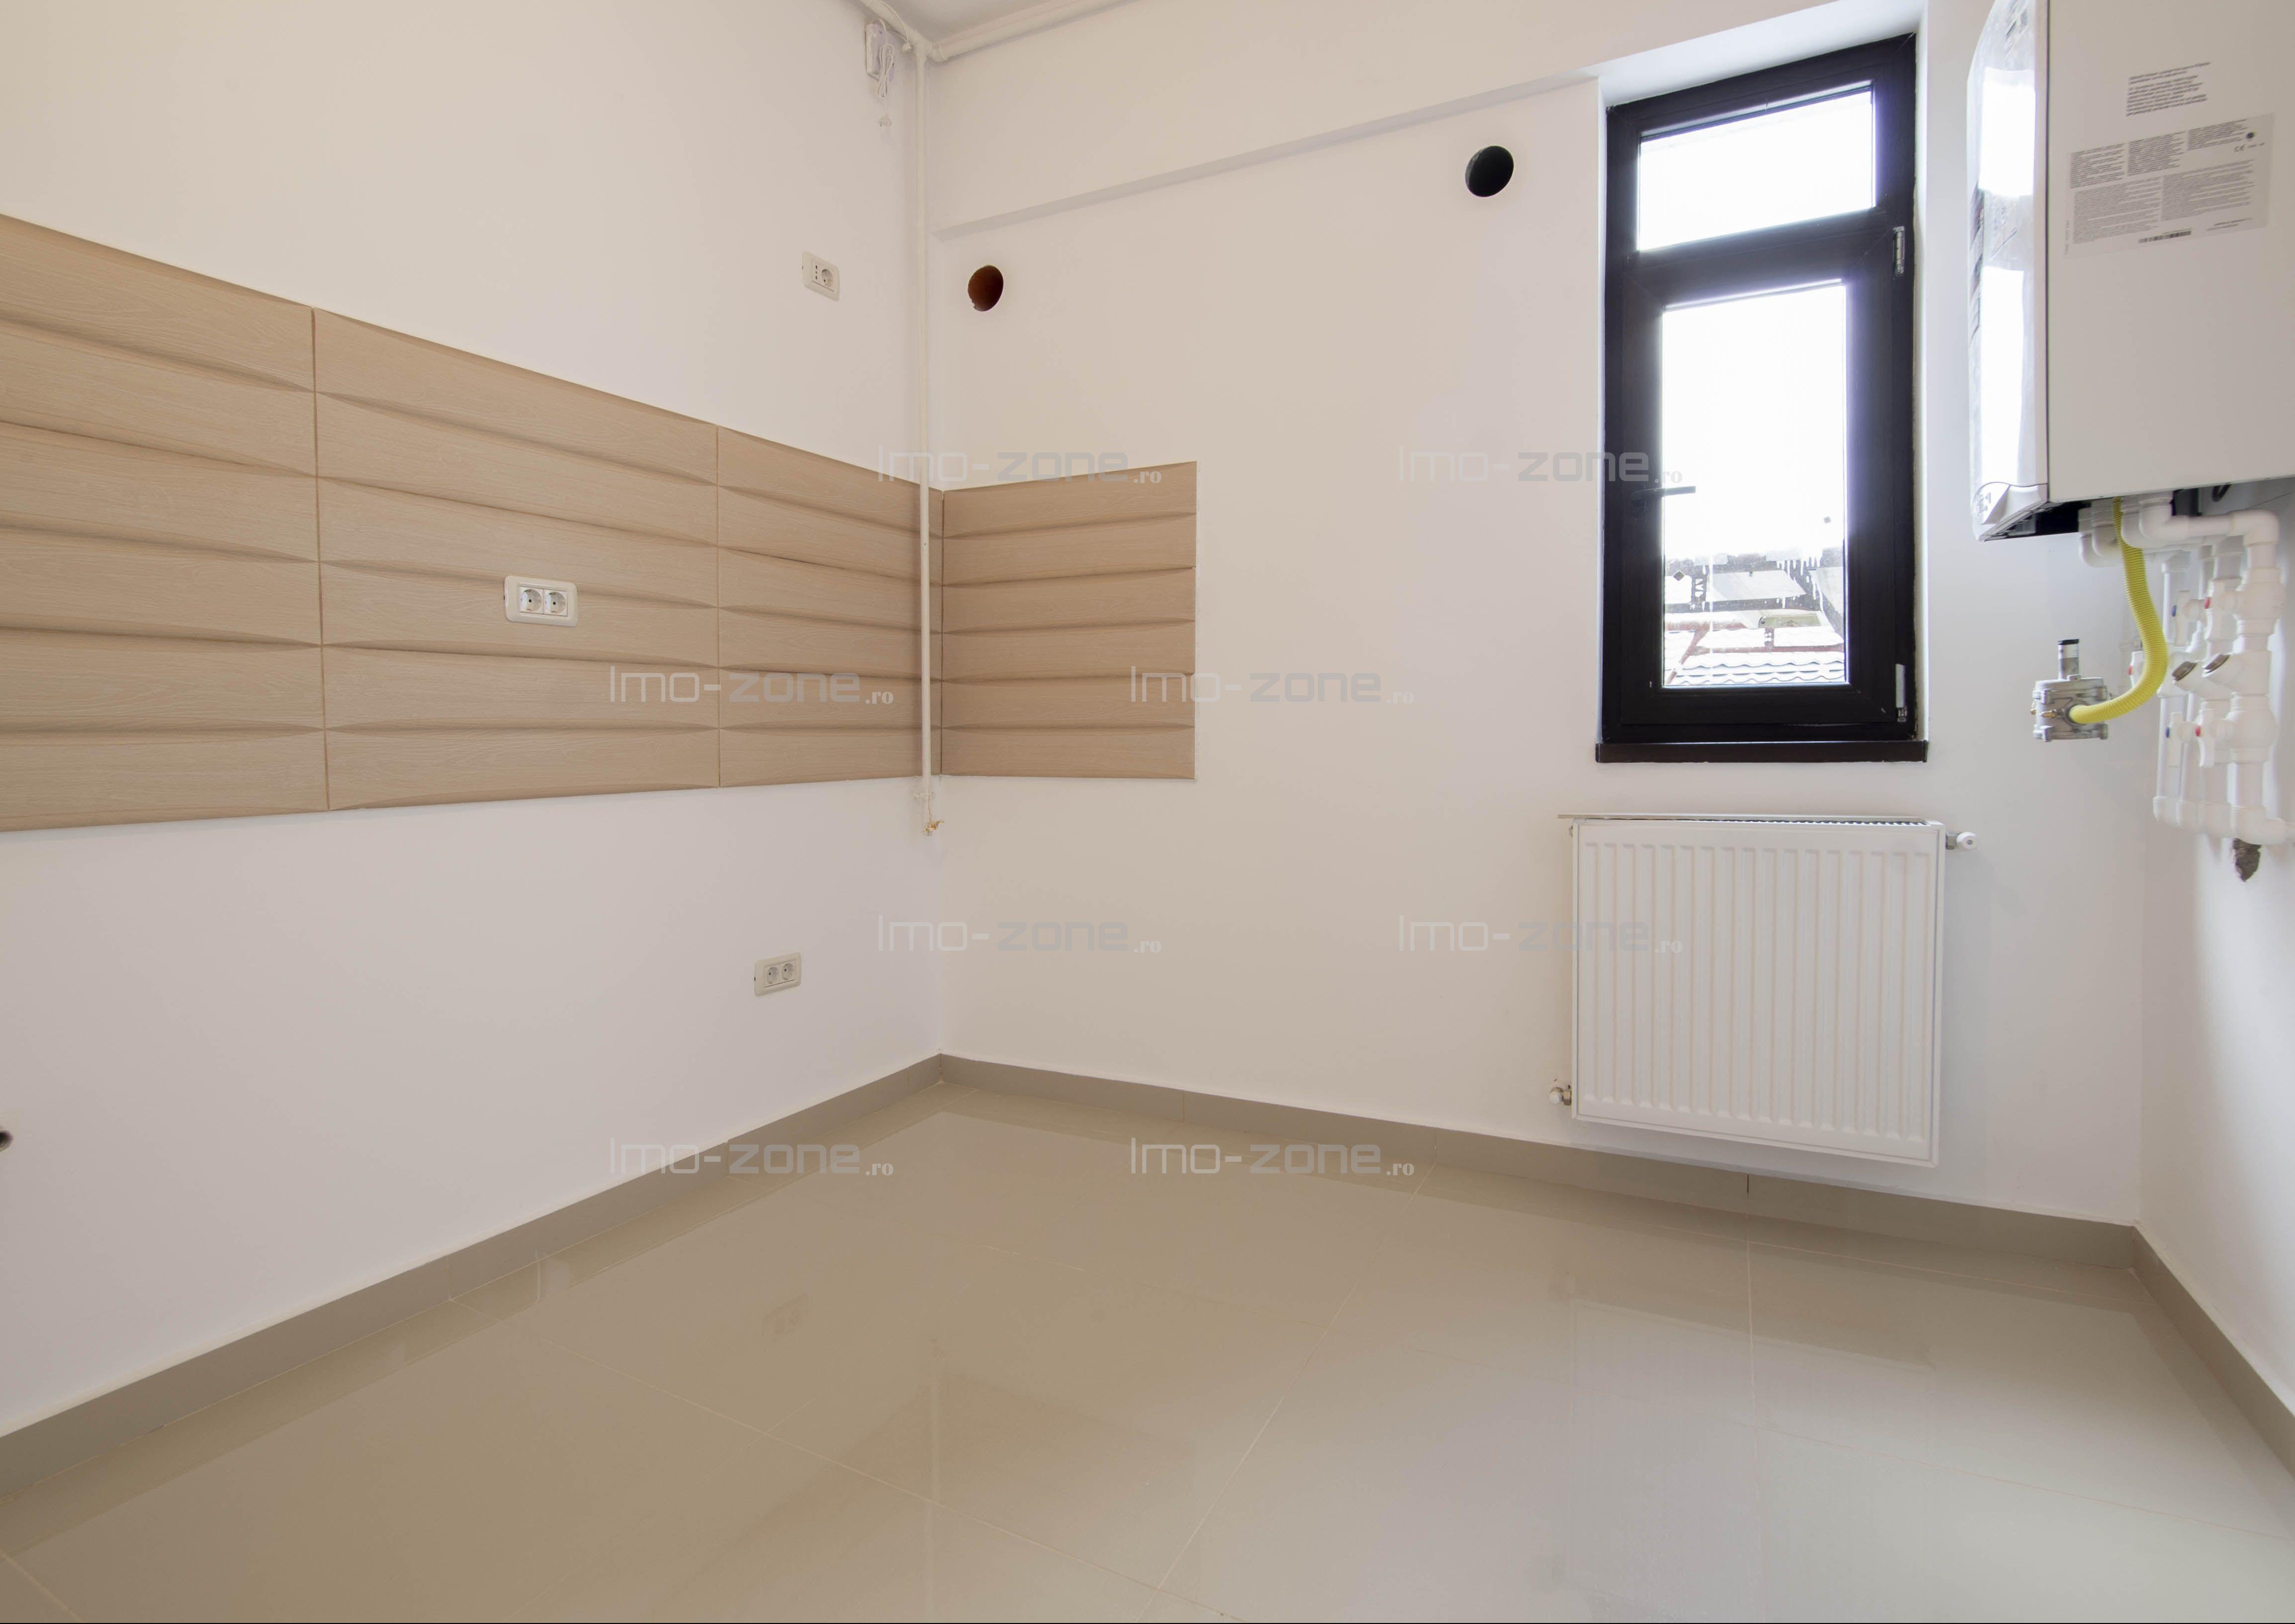 Apartament 2 camere 63. mp, decdomandat, Drumul Taberei, Funigeilor, comision 0%